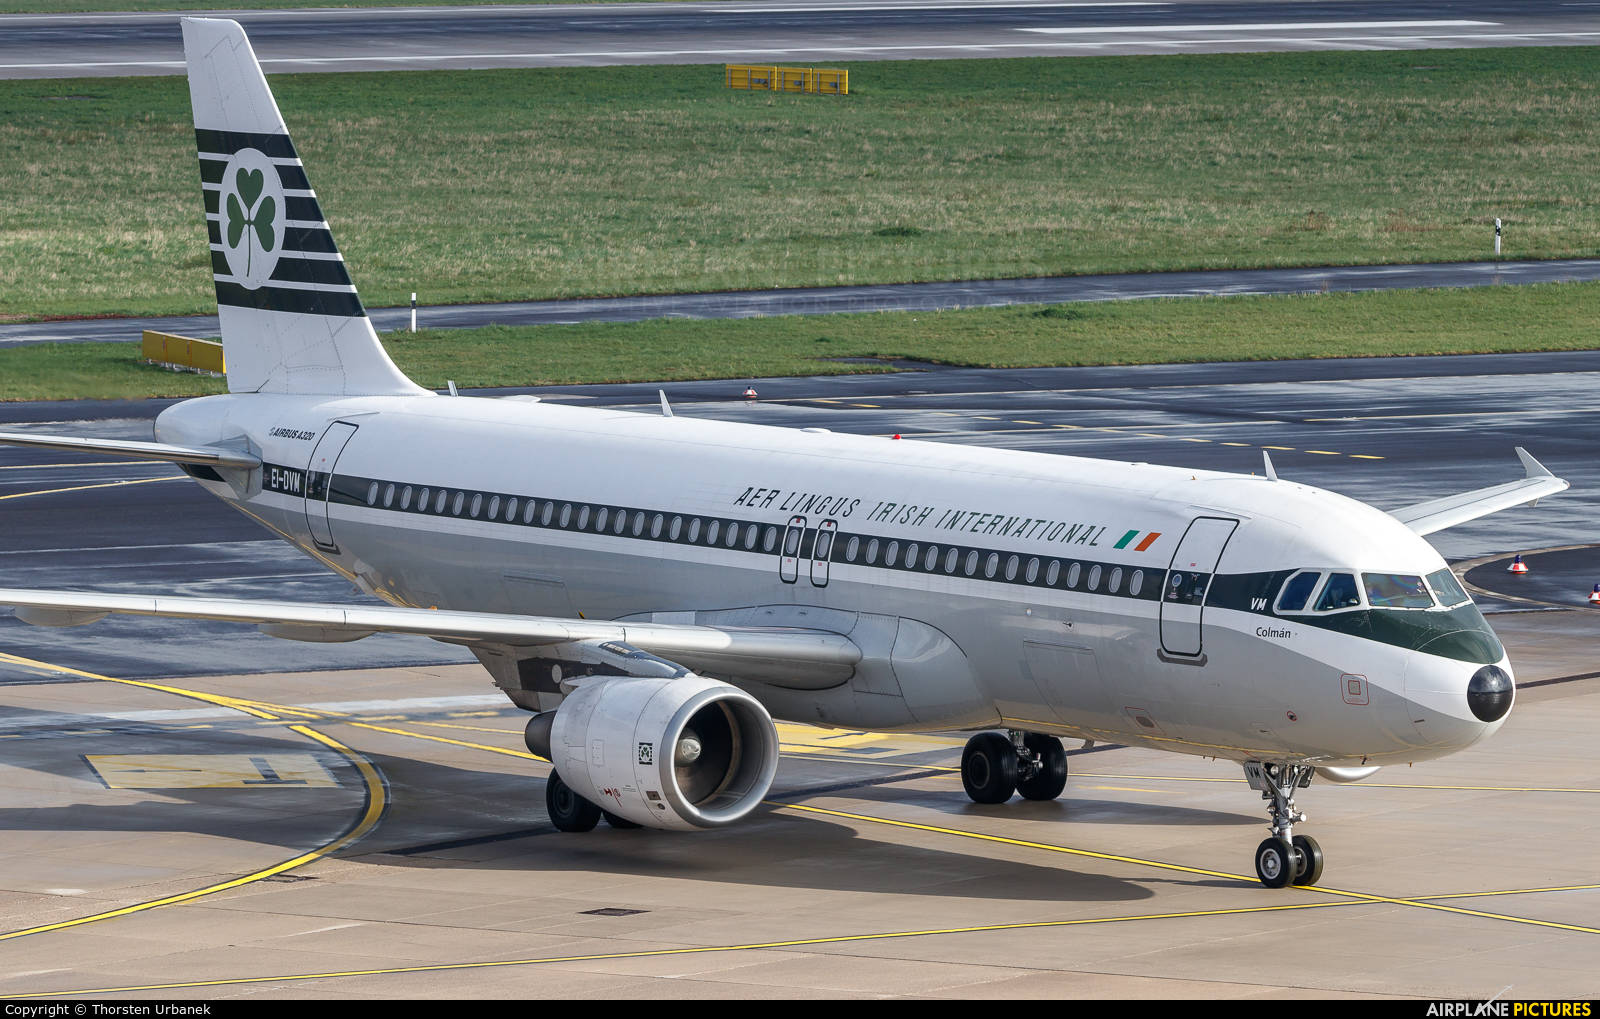 Aer Lingus EI-DVM aircraft at Düsseldorf